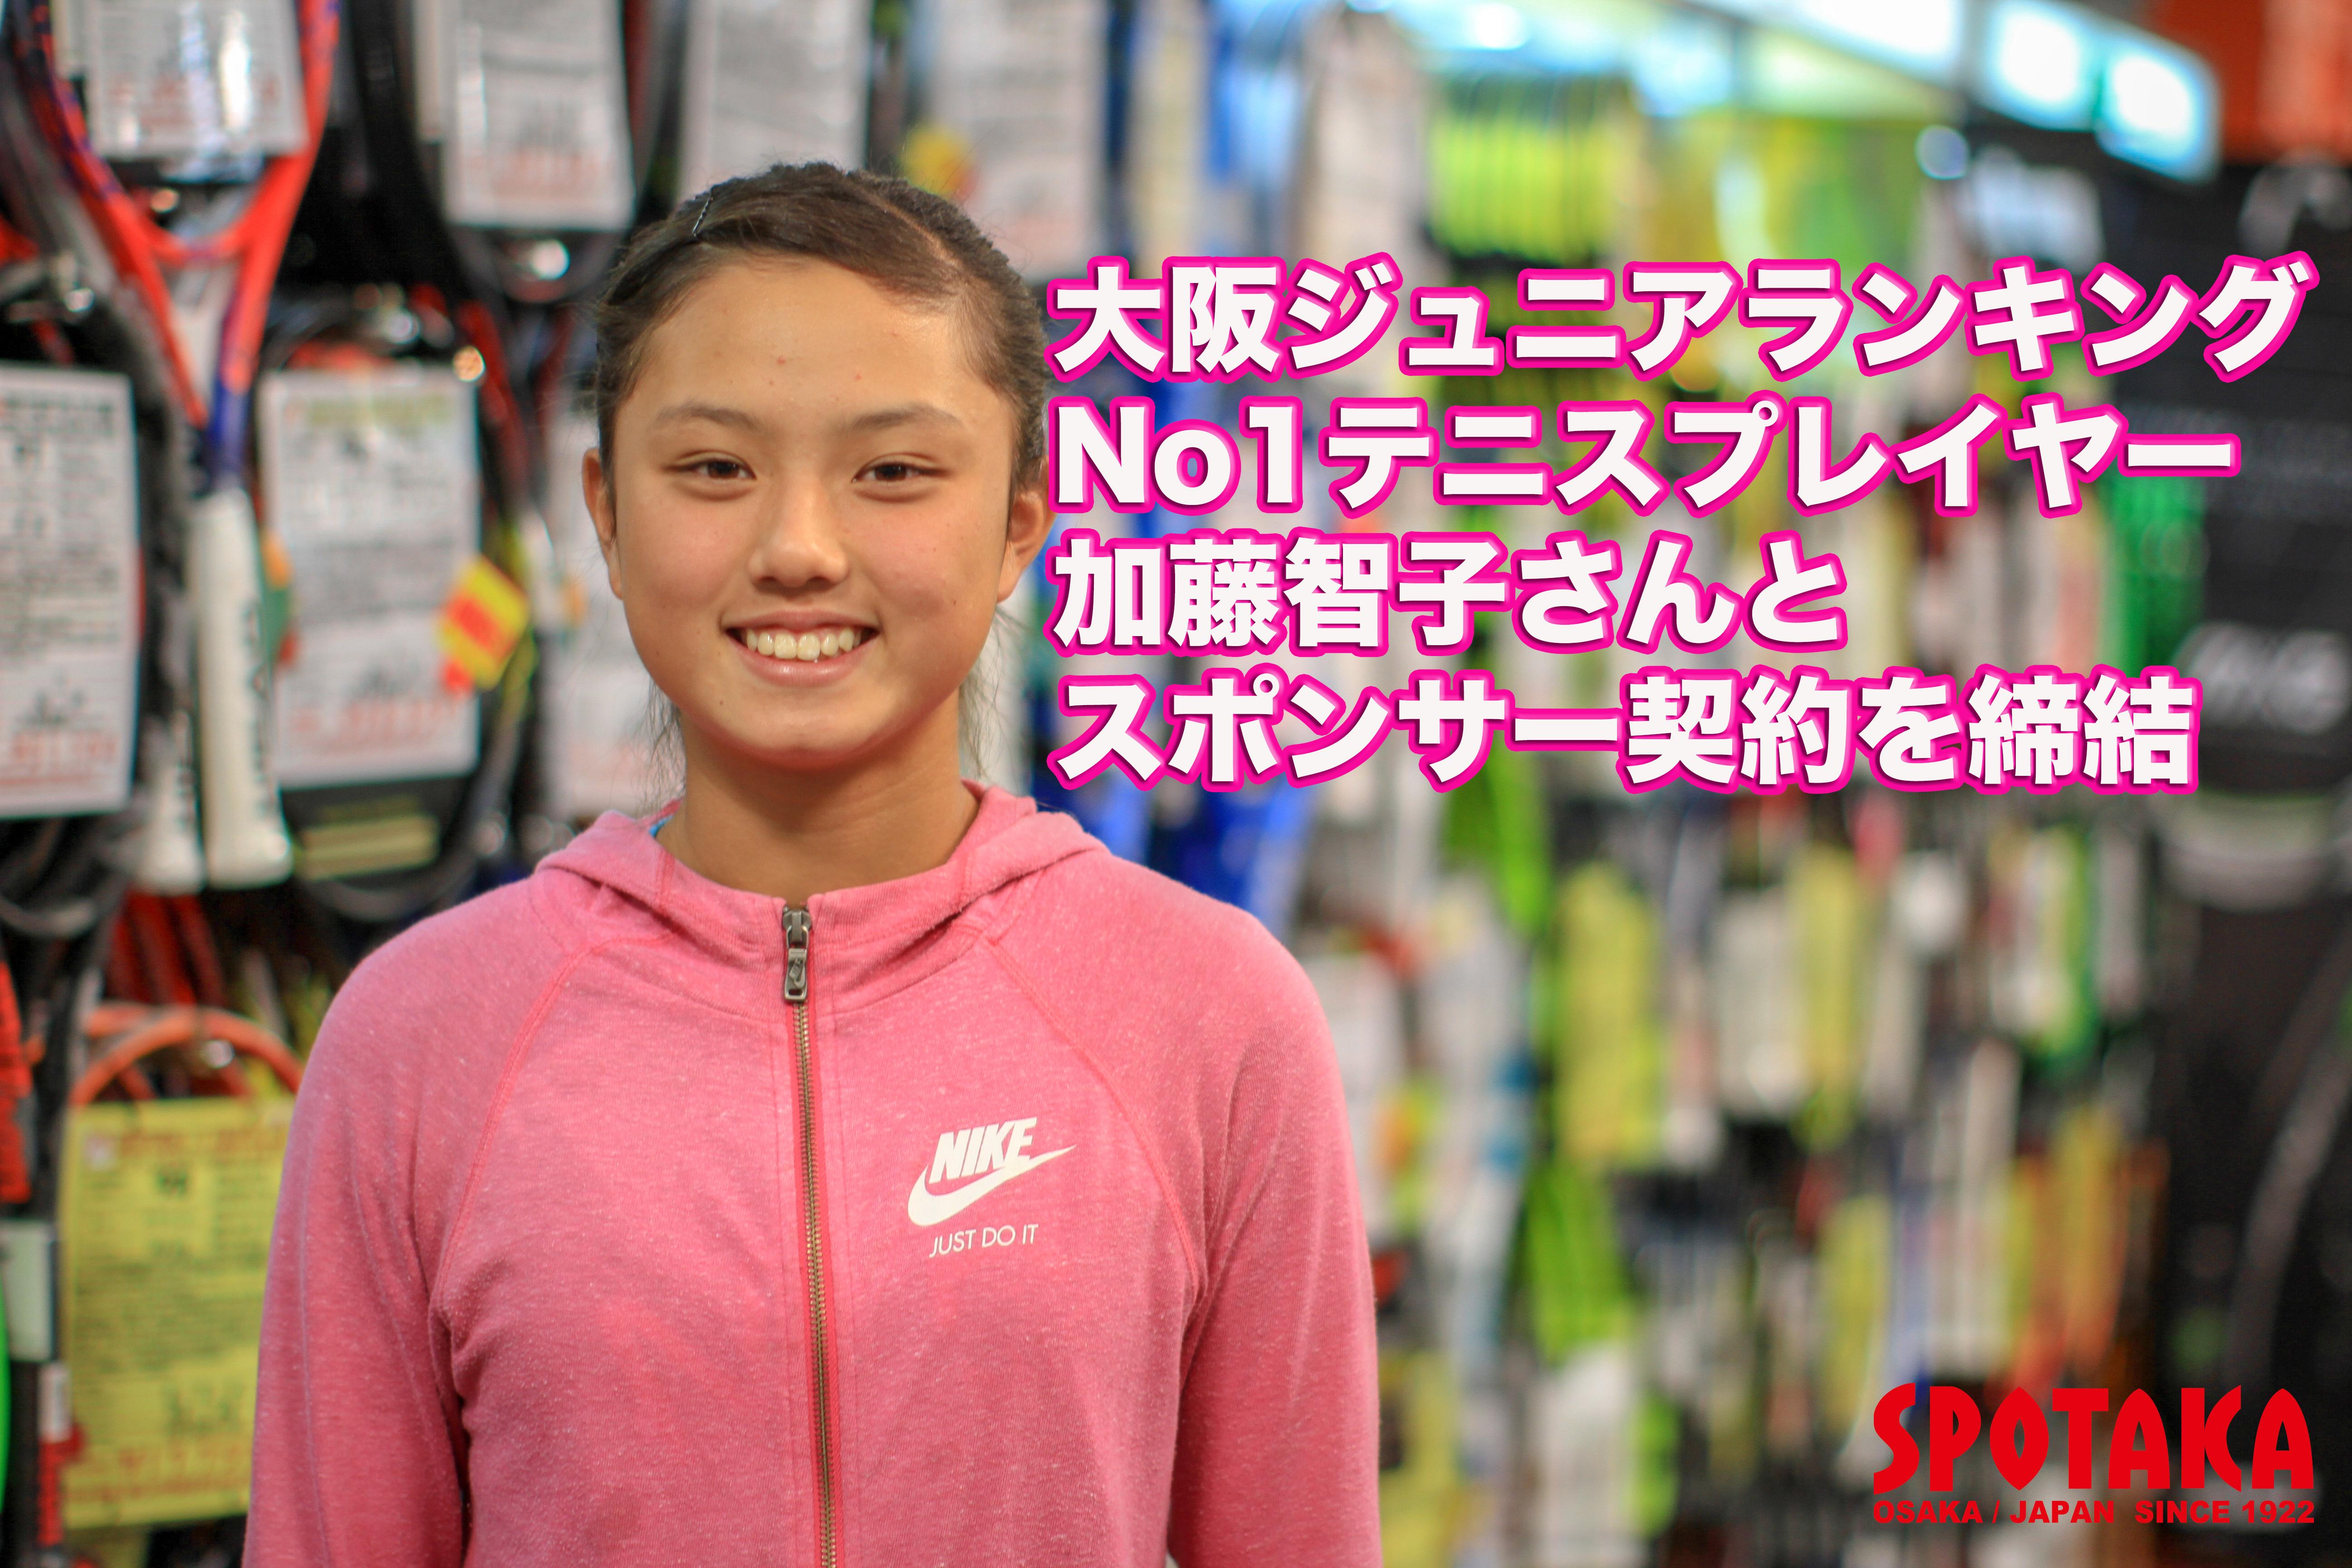 ジュニアテニスプレーヤー加藤智子さんとスポンサー契約を締結いたしました